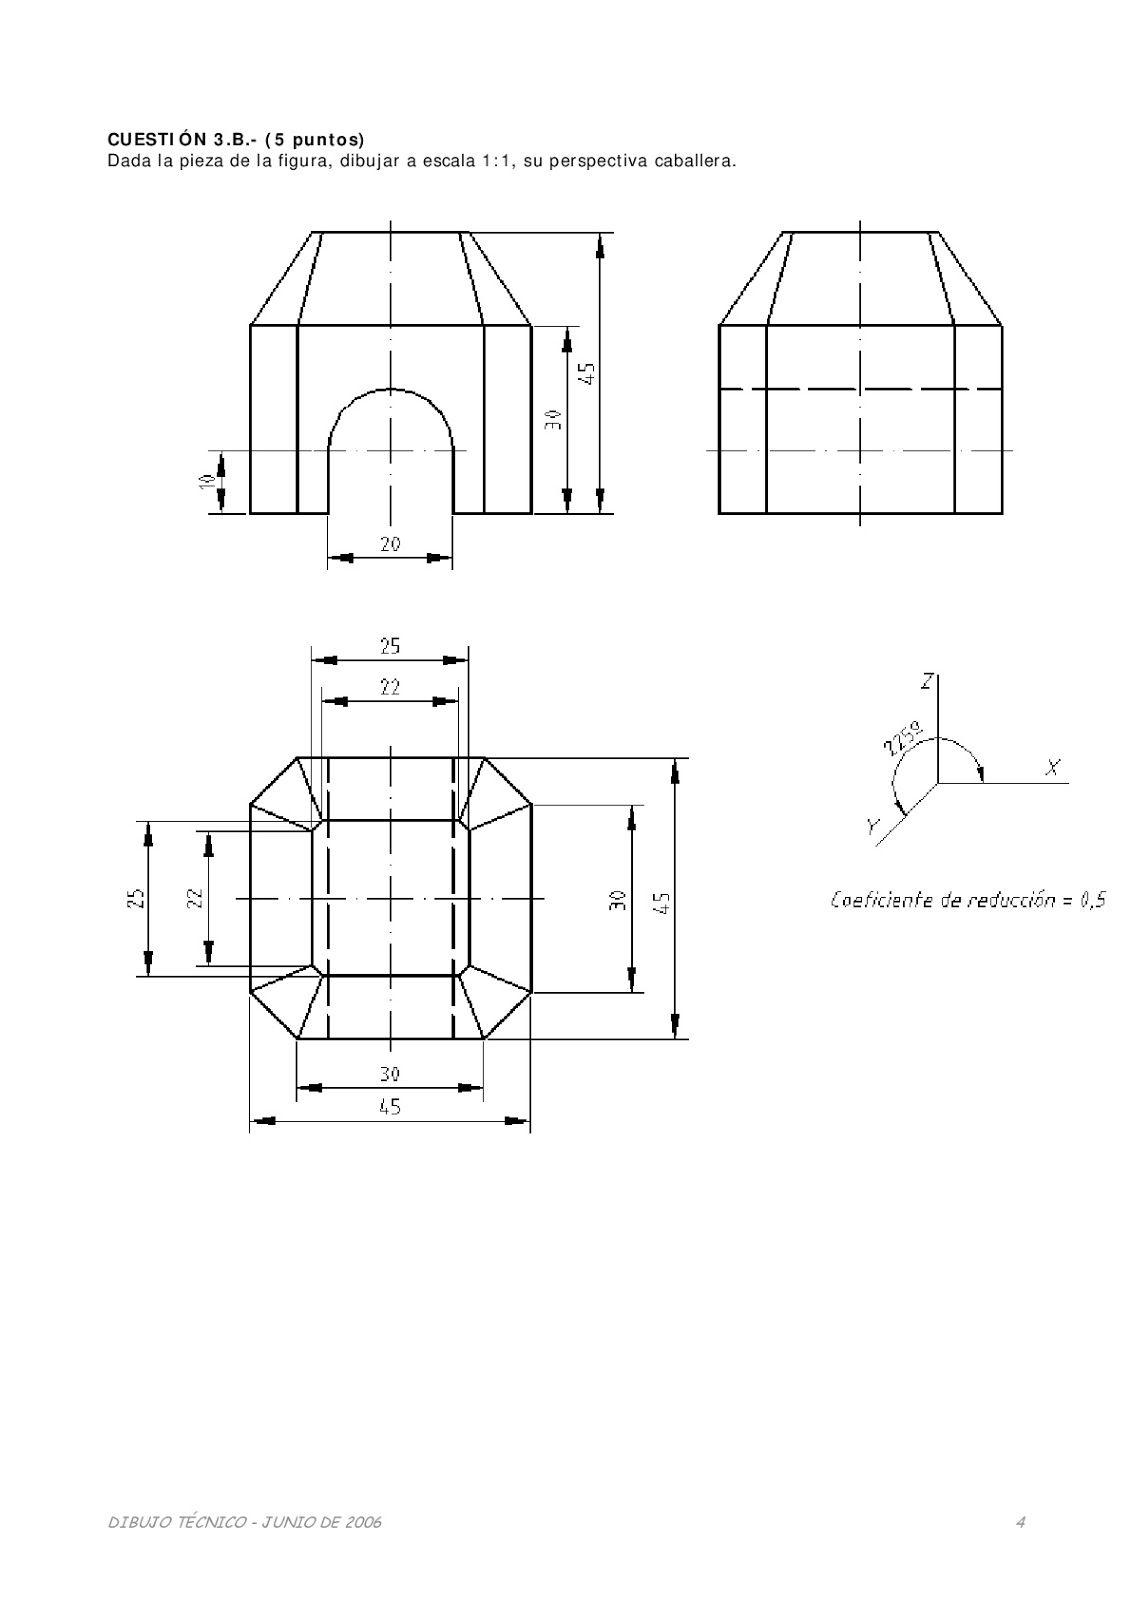 Examenes De Evaluacion Bachillerato Dibujo Tecnico Para El Acceso A La Universidad Ebau 2018 Convocatorias Junio Septiembr Examen Bachillerato Evaluacion